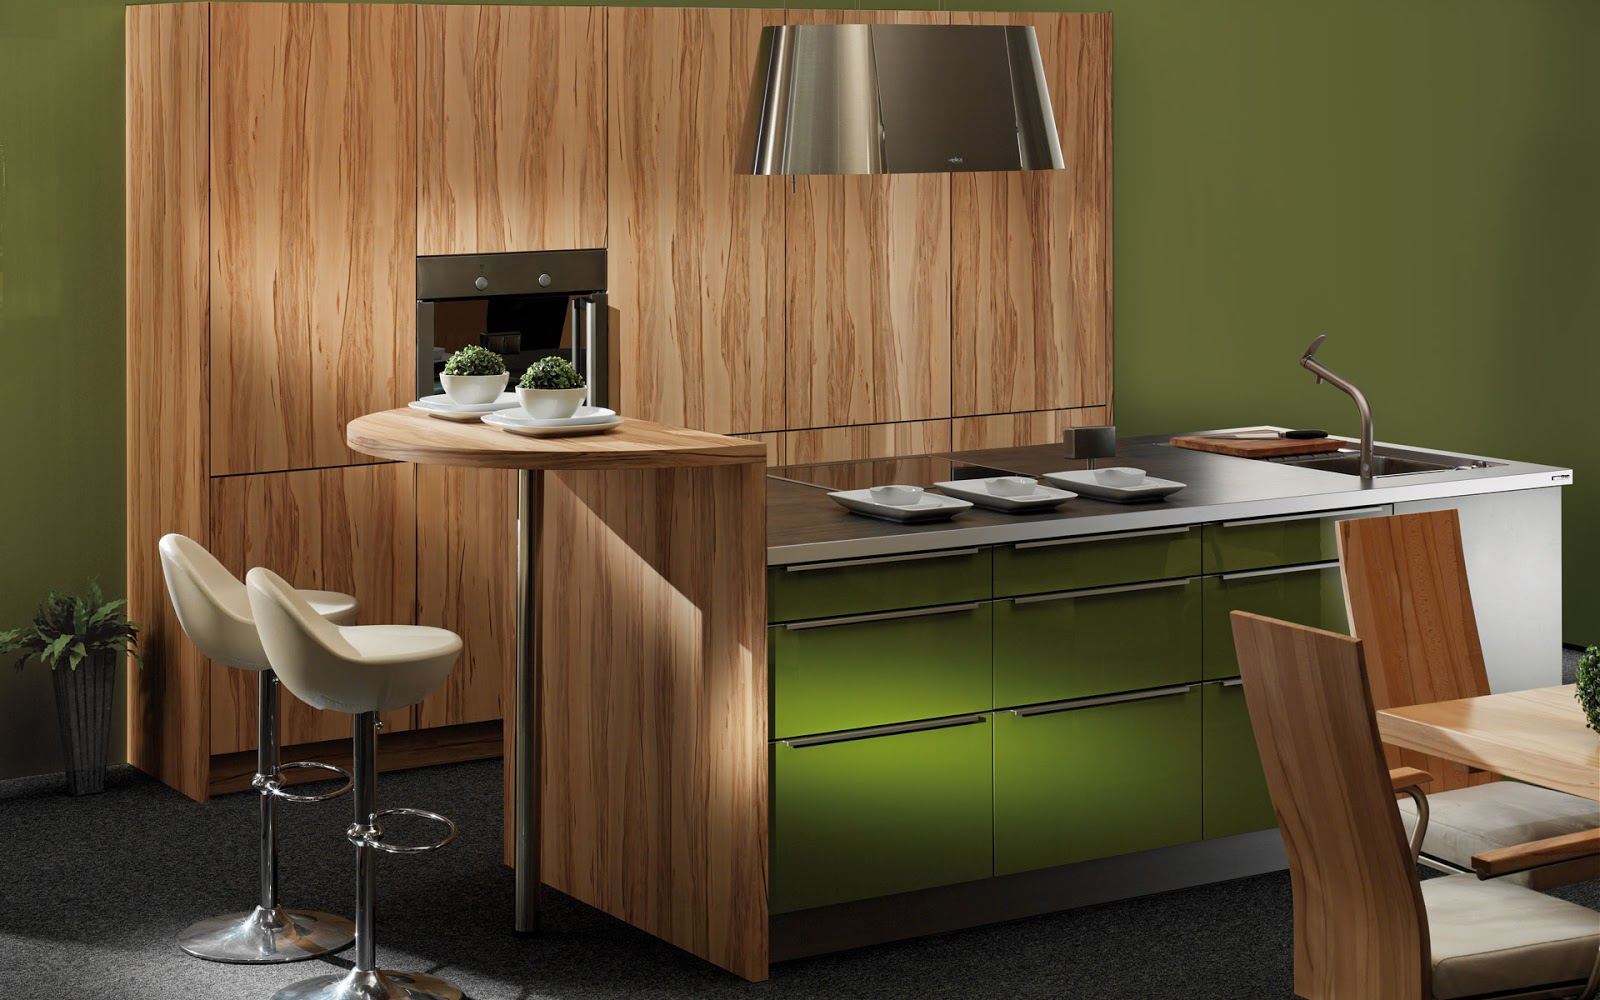 30 ideas de mesas y barras para comer en la cocina for Cocina con barra de retorno